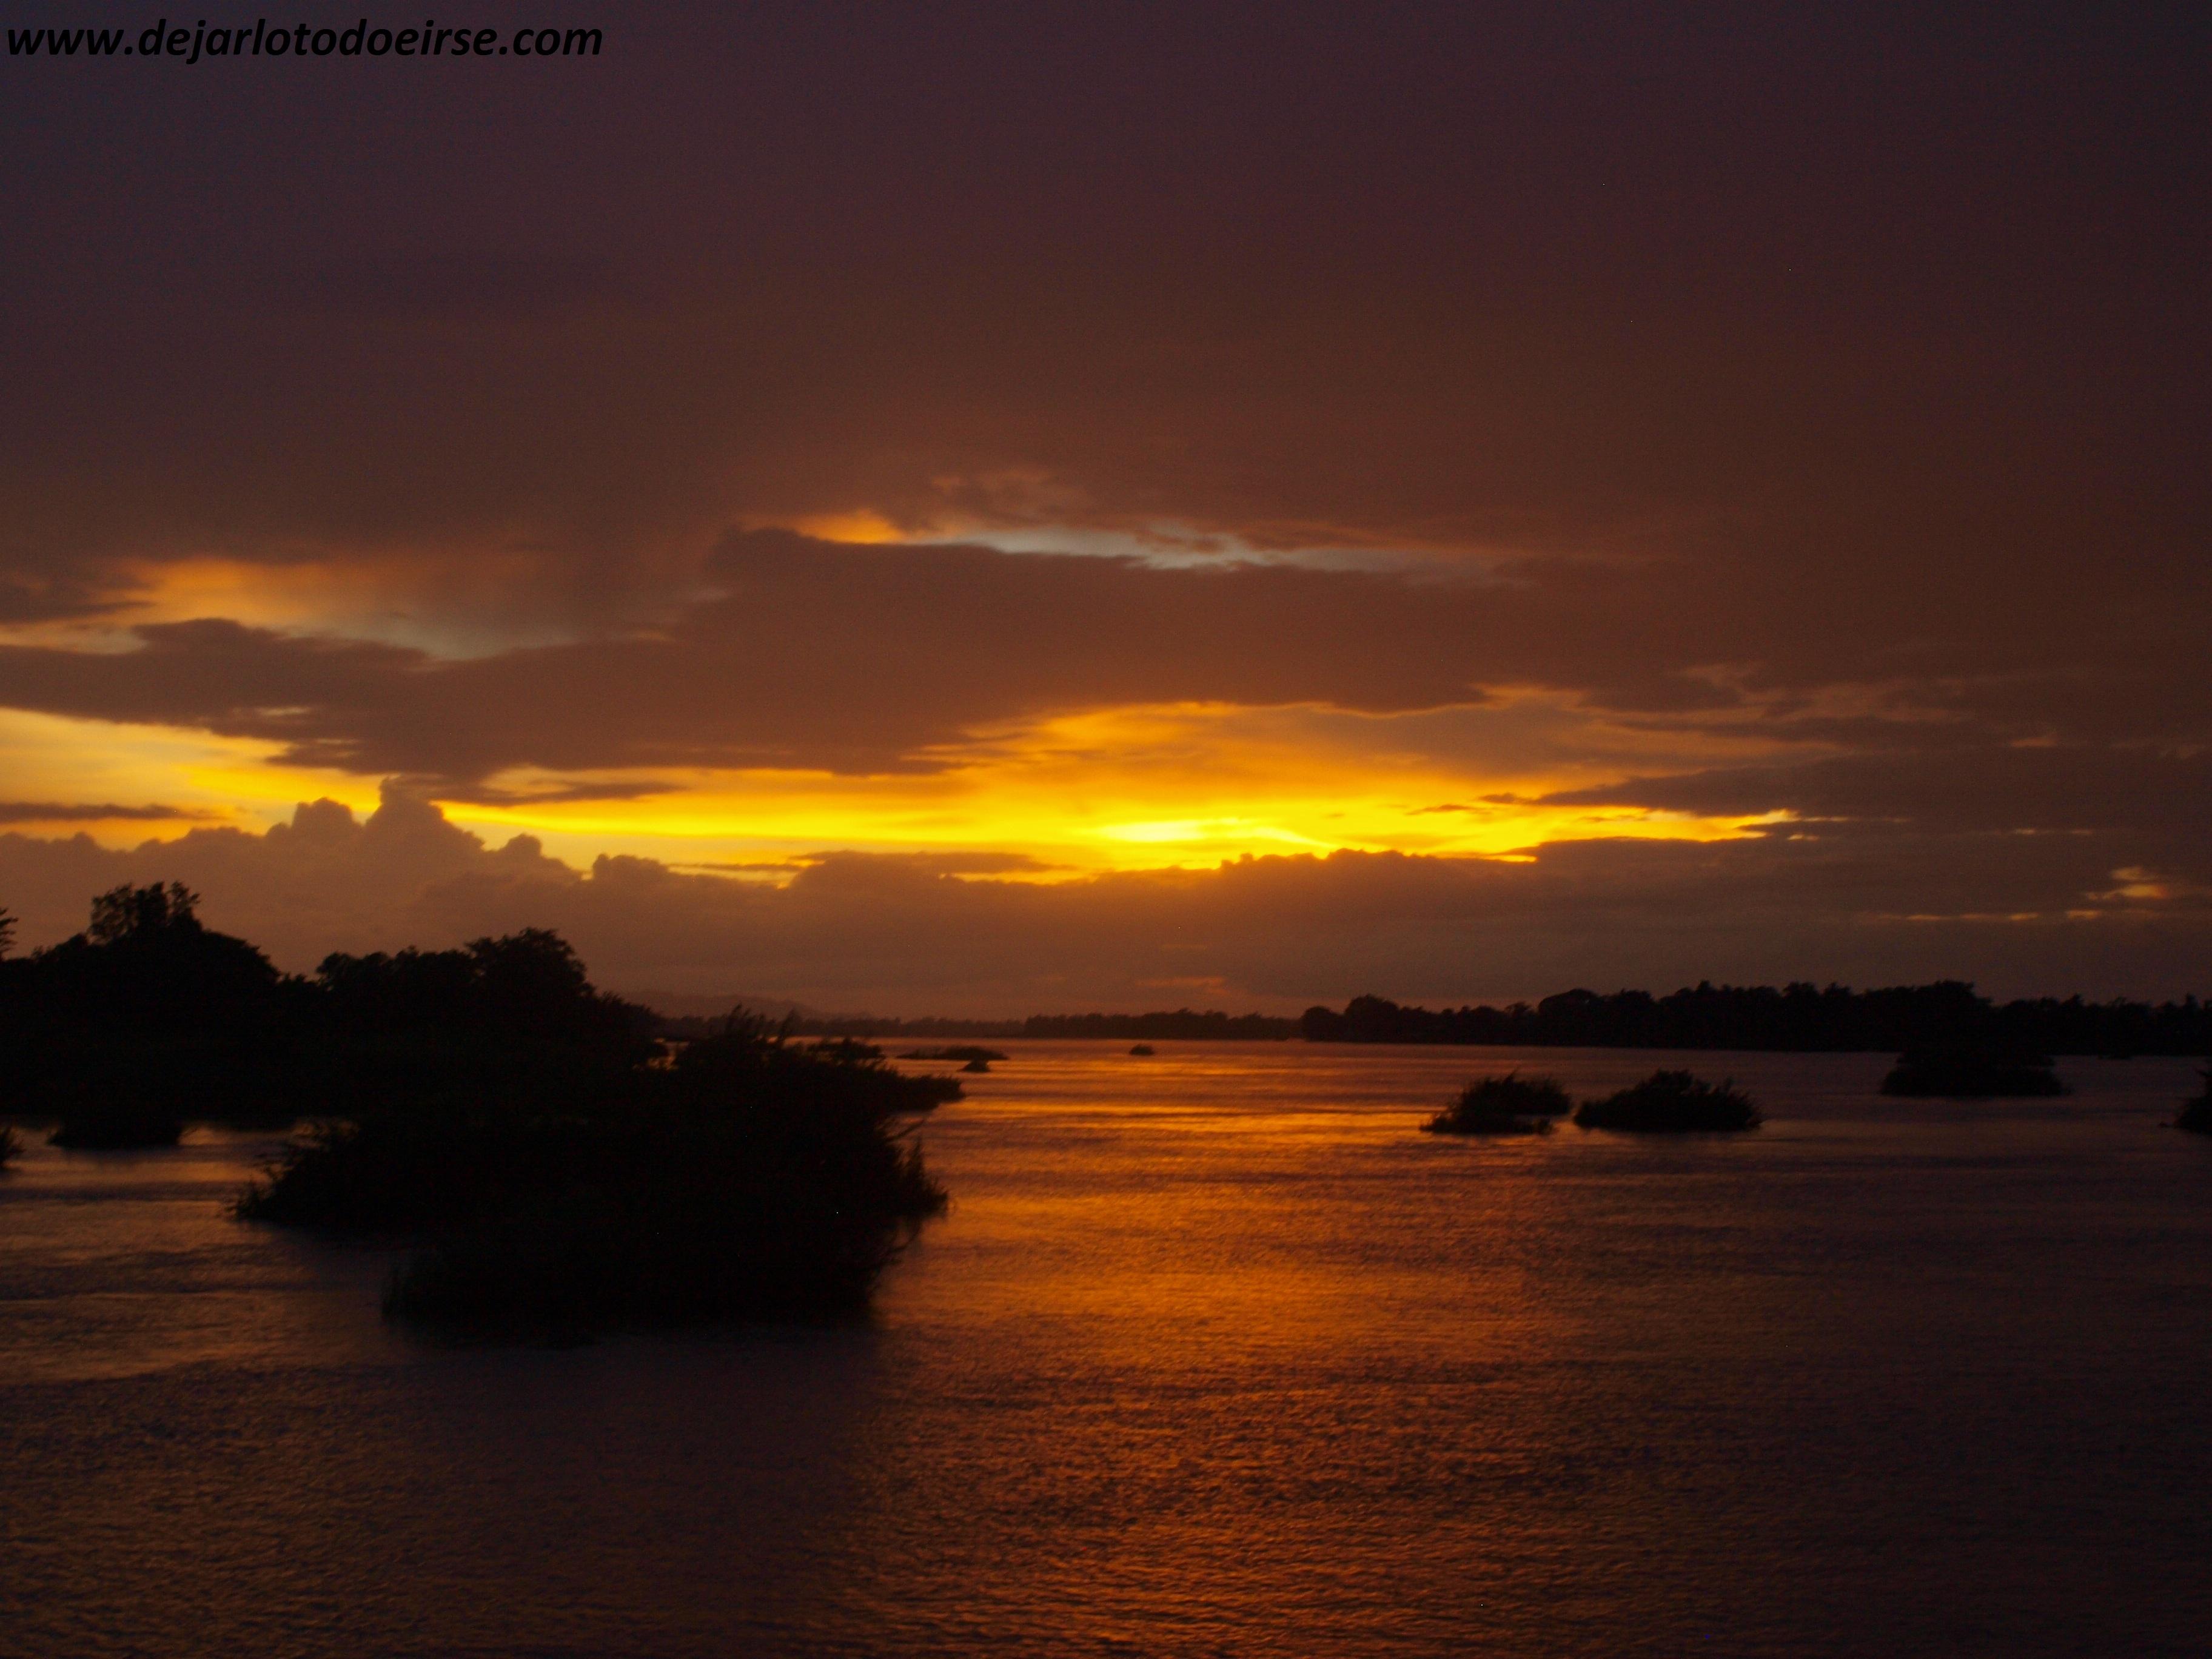 Viajar sola Laos 4000 islas